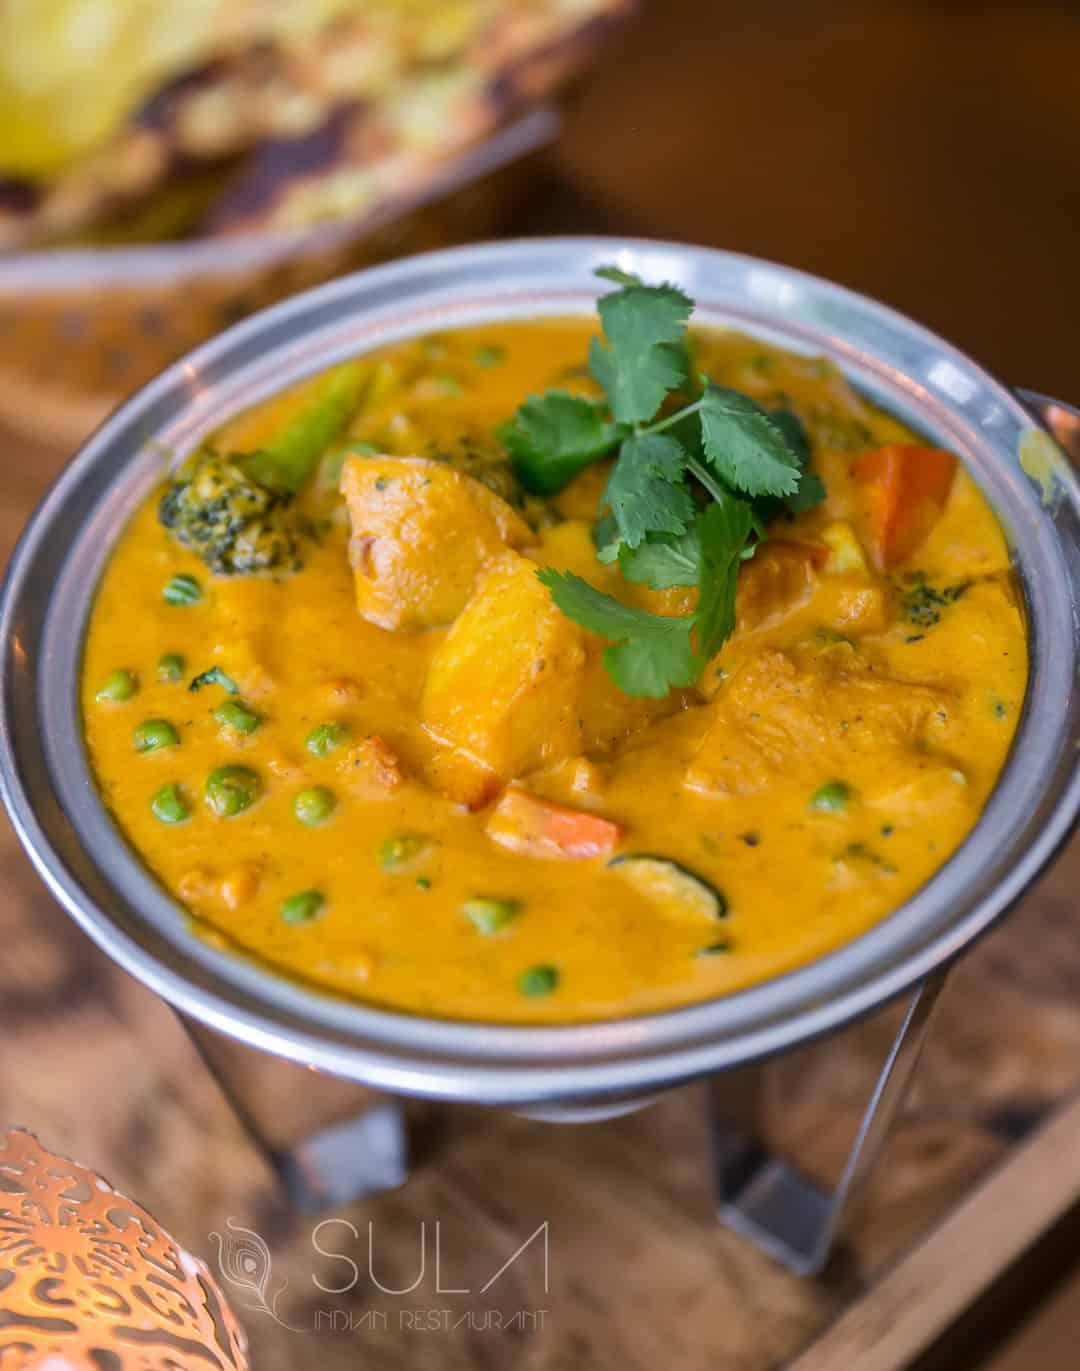 Vegan Vegetable coconut served at sula Indian restaurant